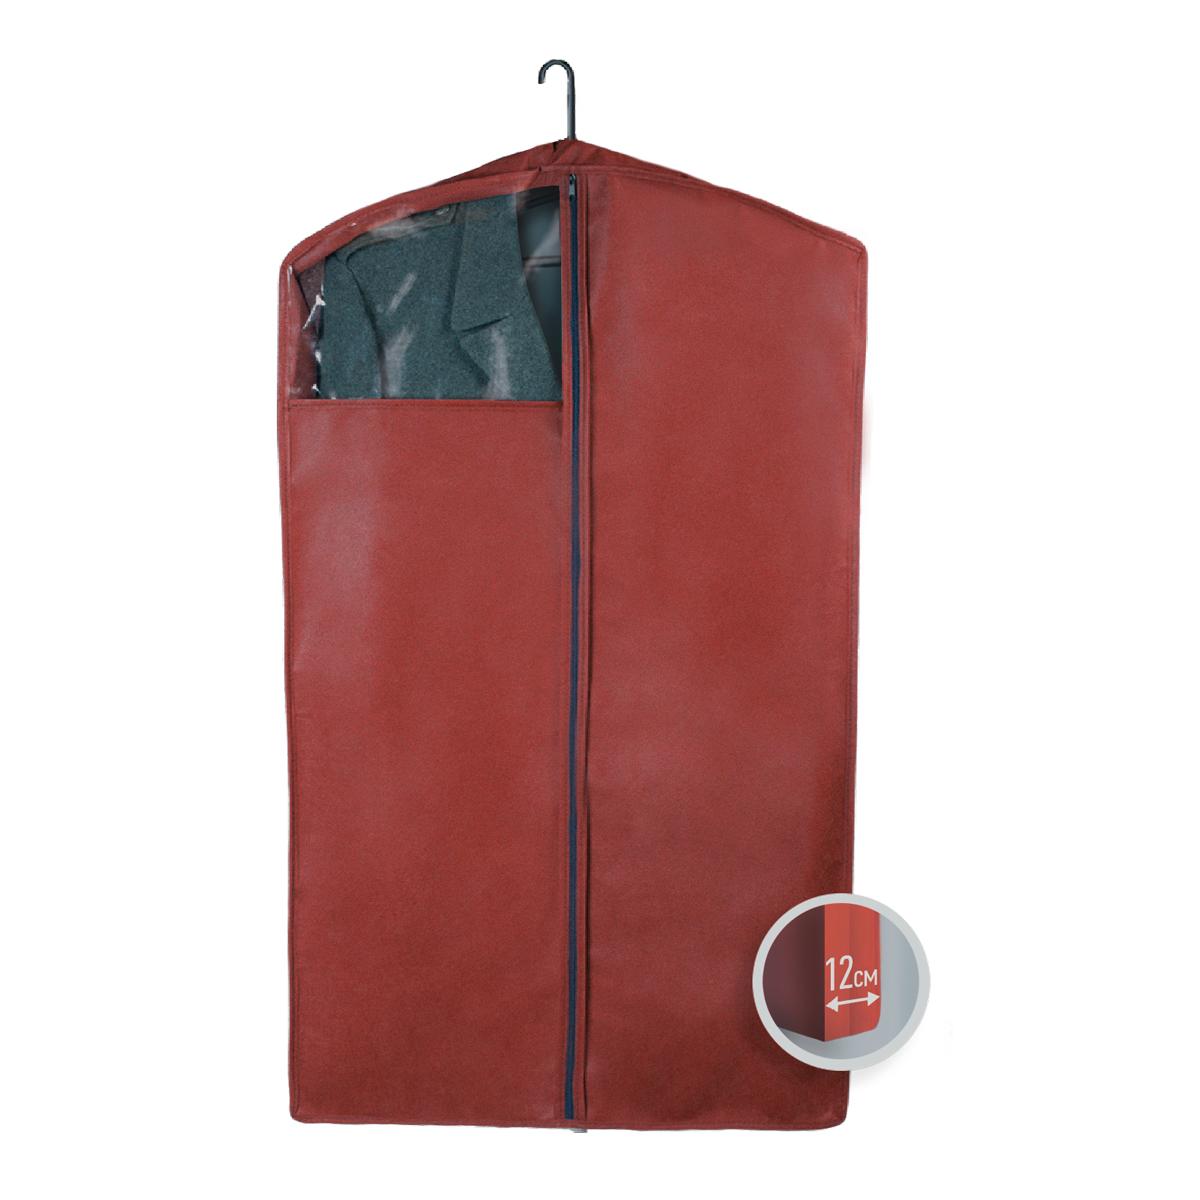 Чехол для верхней одежды Miolla, с окошком, цвет: бордовый, 100 х 60 х 12 смRG-D31SЧехол для верхней одежды Miolla на застежке-молнии выполнен из высококачественного нетканого материала. Прозрачное полиэтиленовое окошко позволяет видеть содержимое чехла. Подходит для длительного хранения вещей.Чехол обеспечивает вашей одежде надежную защиту от влажности, повреждений и грязи при транспортировке, от запыления при хранении и проникновения моли. Чехол обладает водоотталкивающими свойствами, а также позволяет воздуху свободно поступать внутрь вещей, обеспечивая их кондиционирование. Это особенно важно при хранении кожаных и меховых изделий.Размер чехла: 100 х 60 х 12 см.